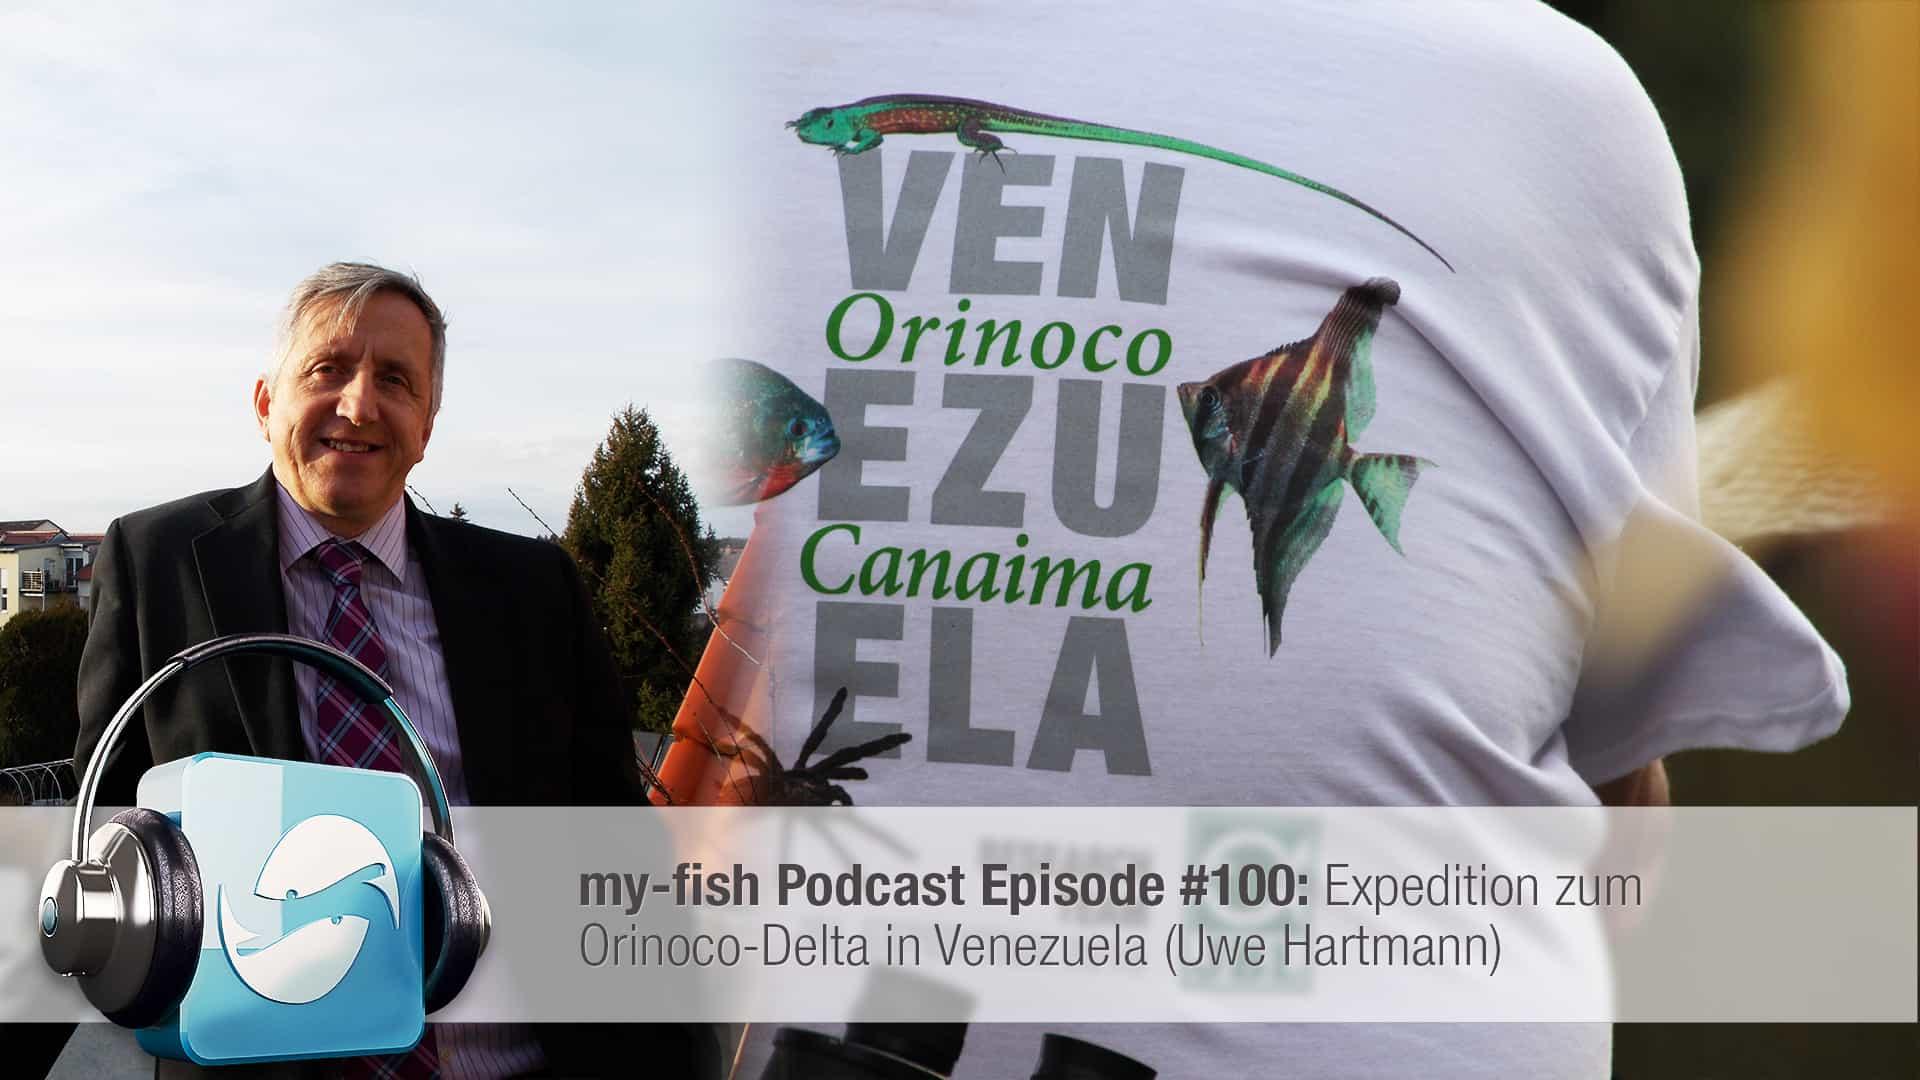 Podcast Episode #100: Expedition zum Orinoco-Delta in Venezuela (Uwe Hartmann) 1